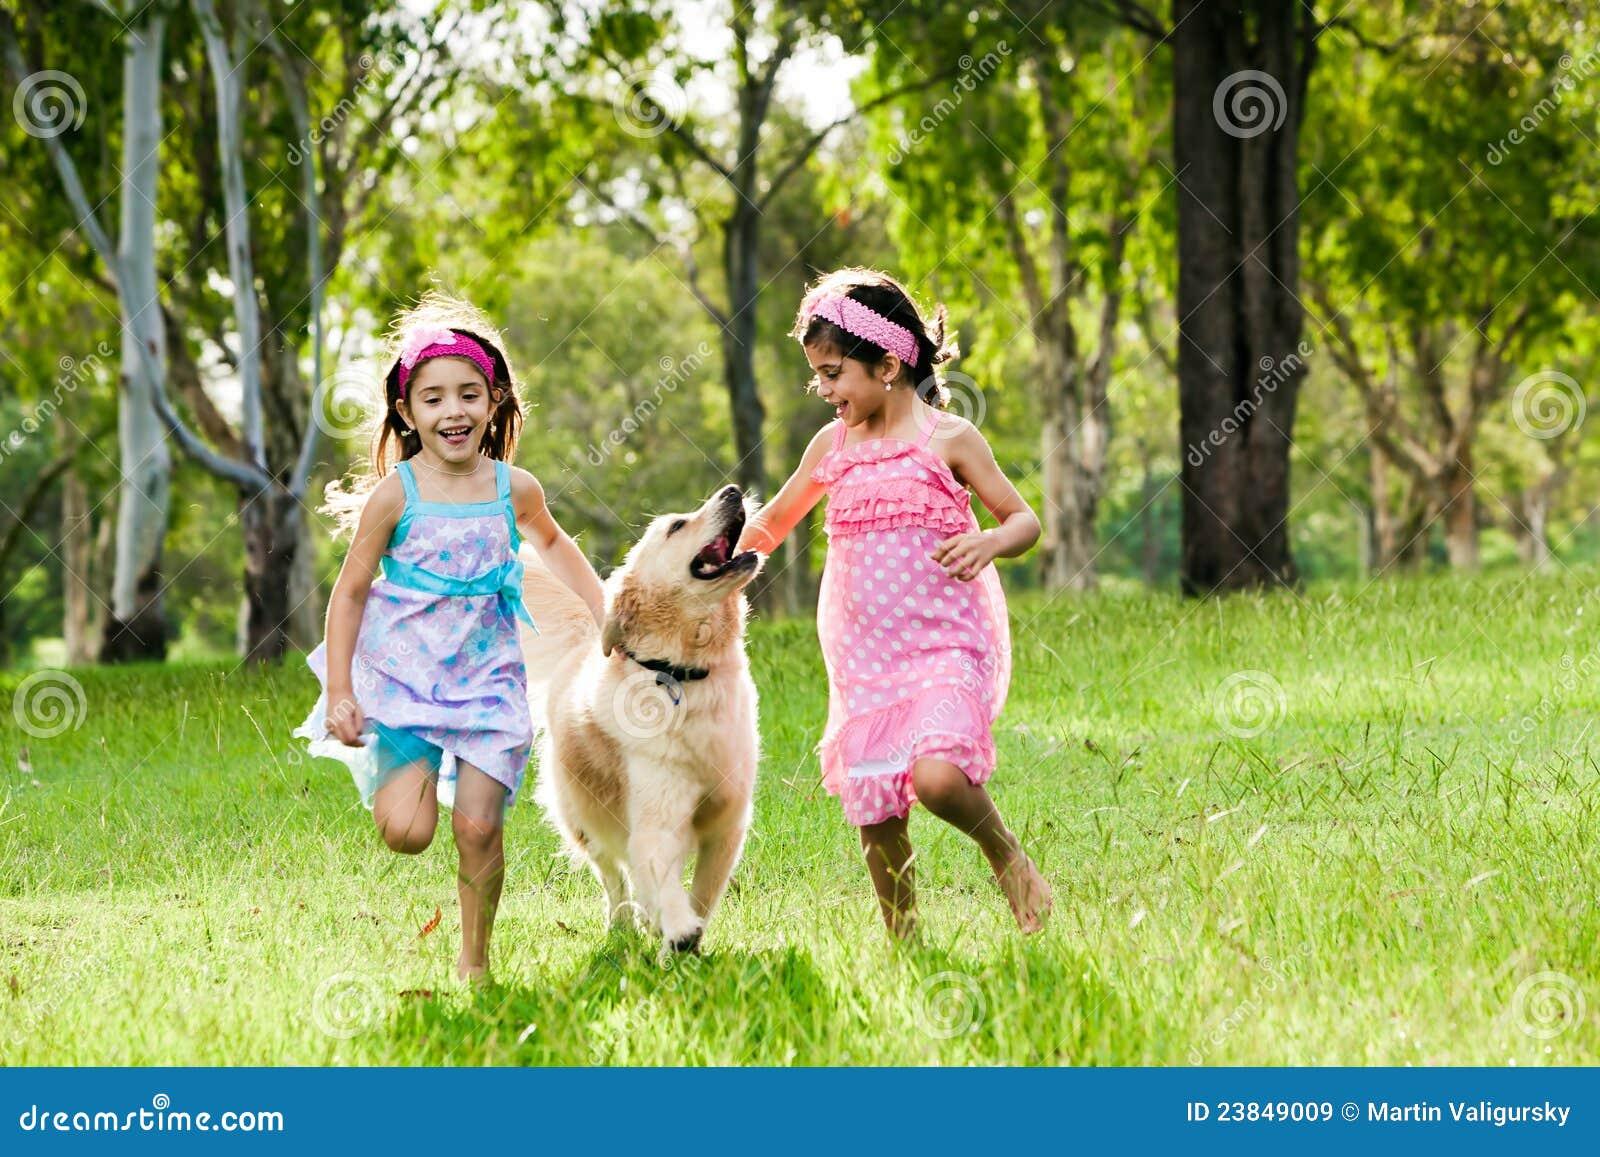 Zwei junge Mädchen, die mit goldenem Apportierhund laufen